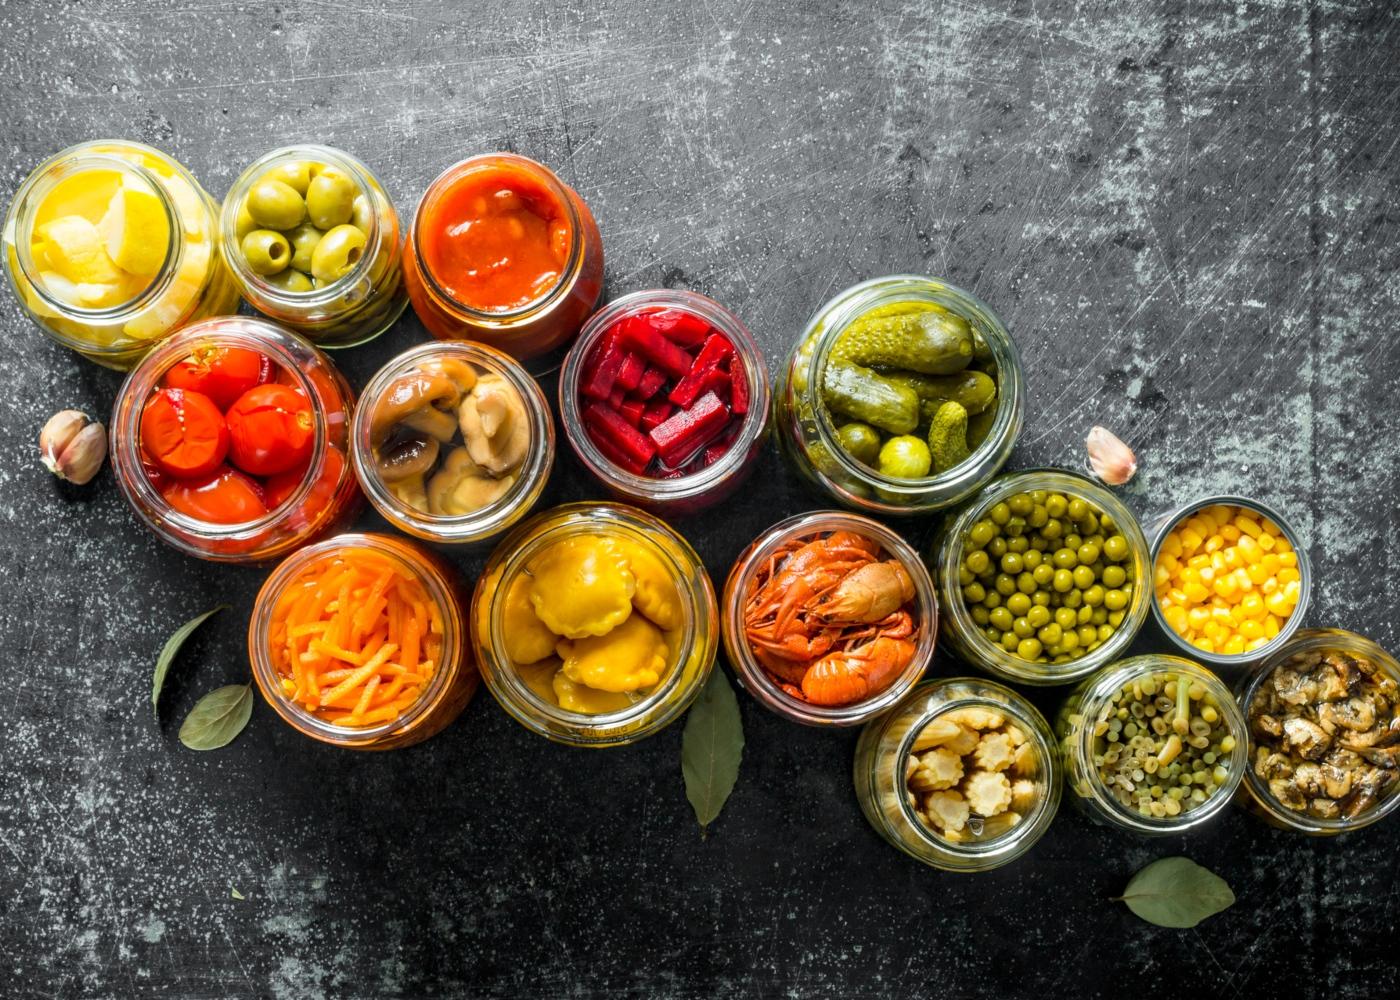 Conservas e enlatados: alimentos em conserva